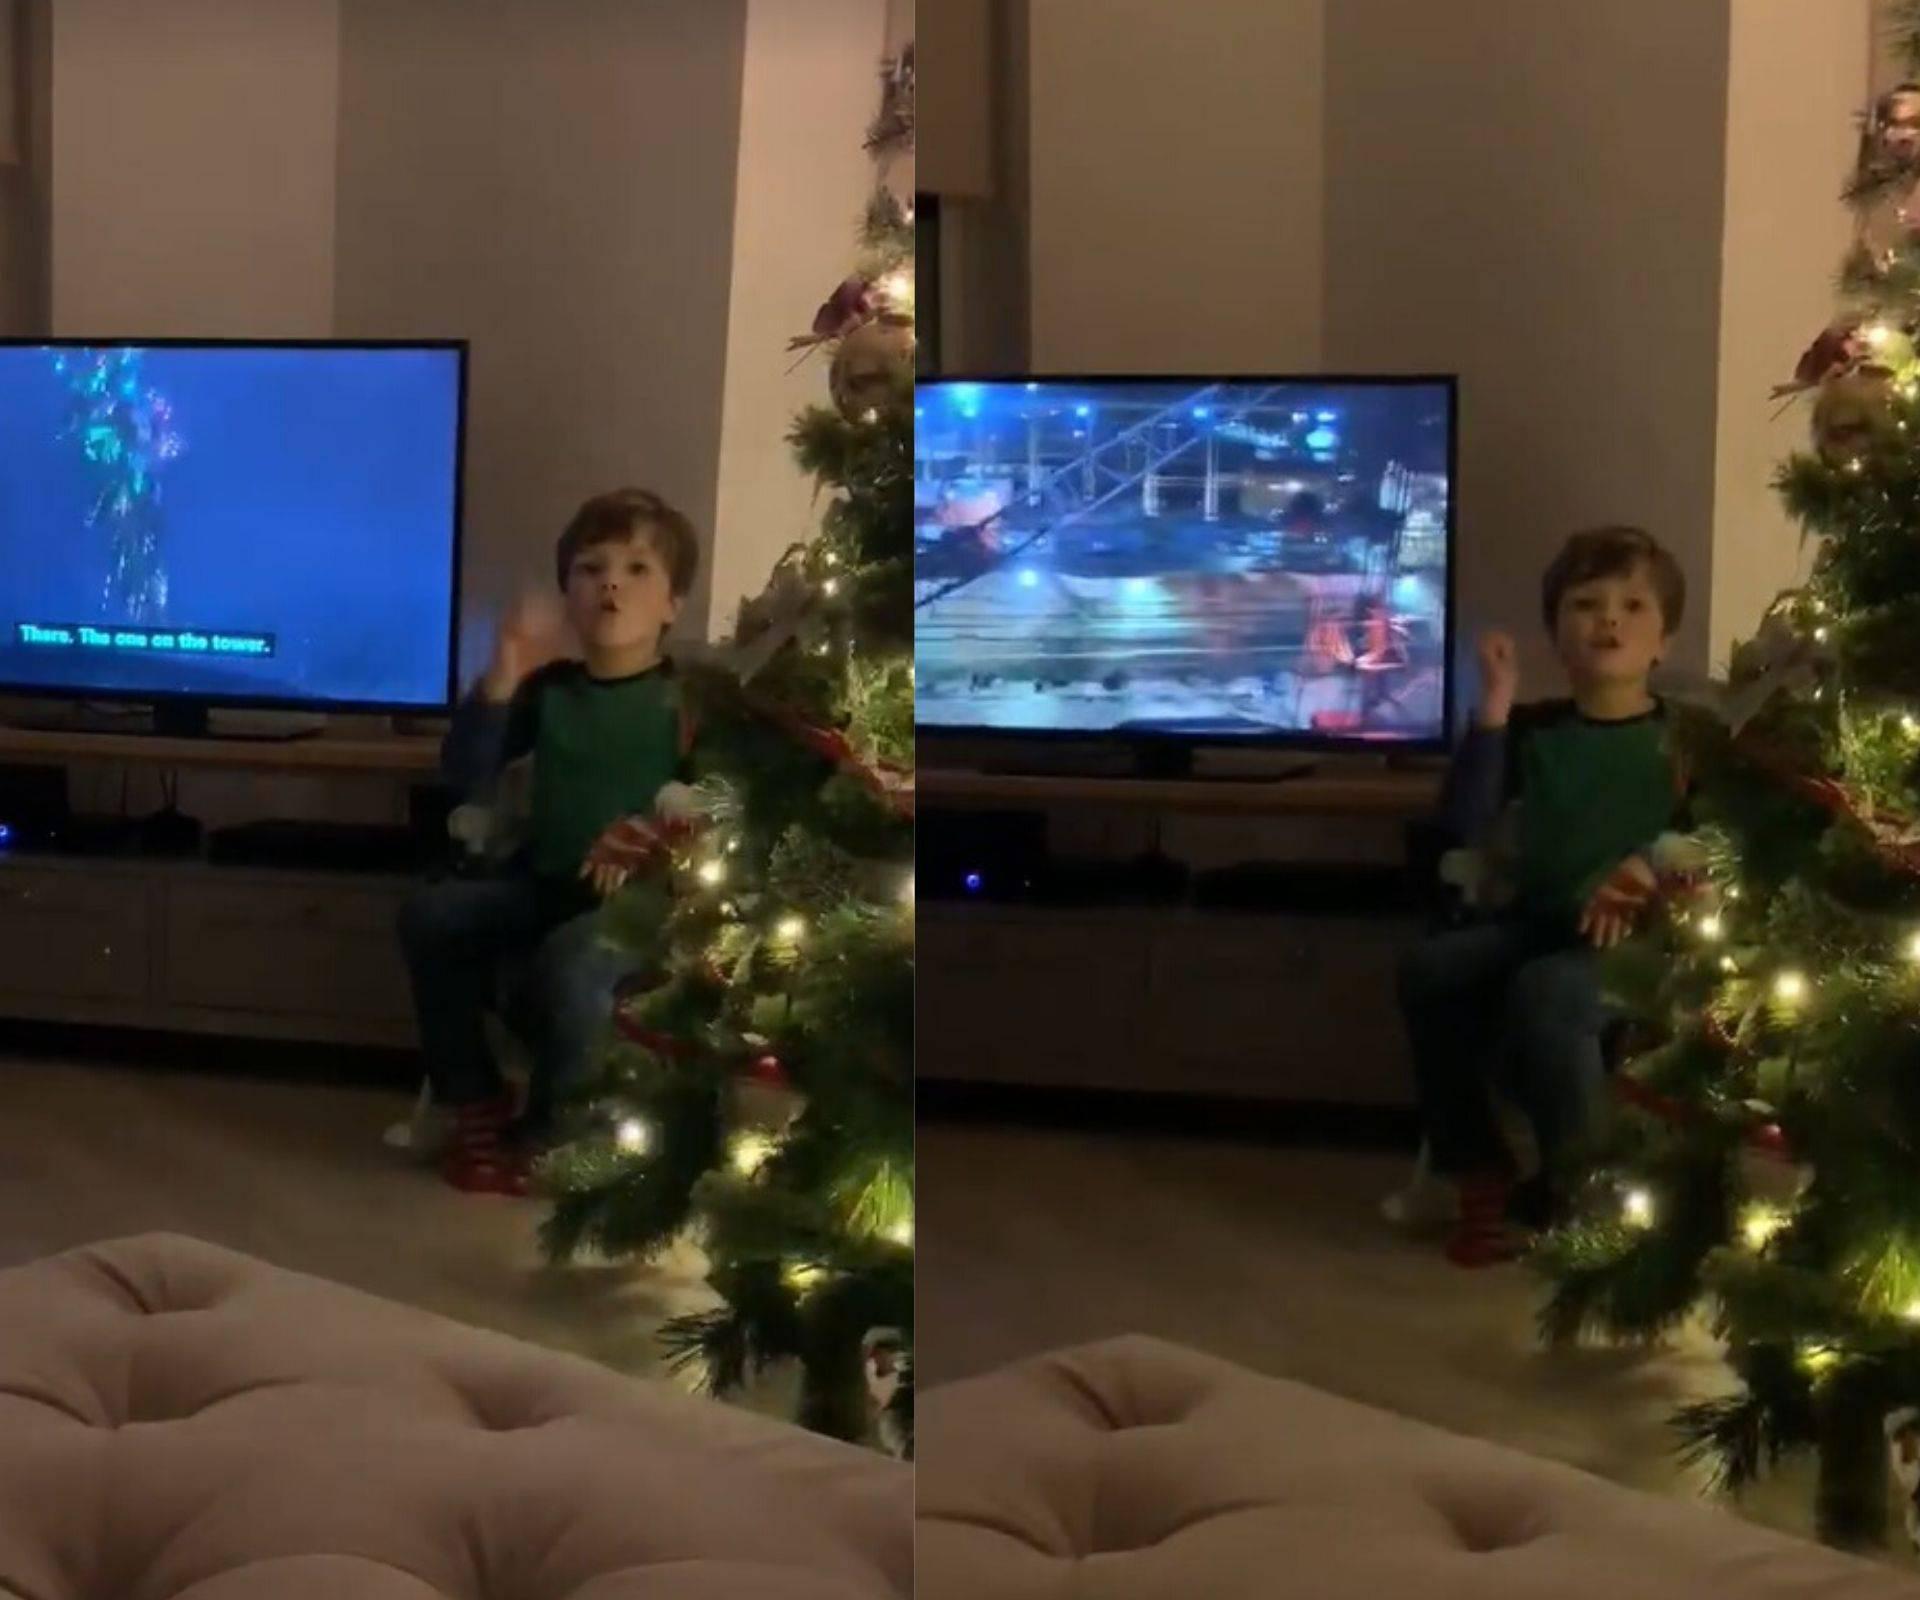 Dirljivo: Dječak (4) roditeljima tumači film znakovnim jezikom